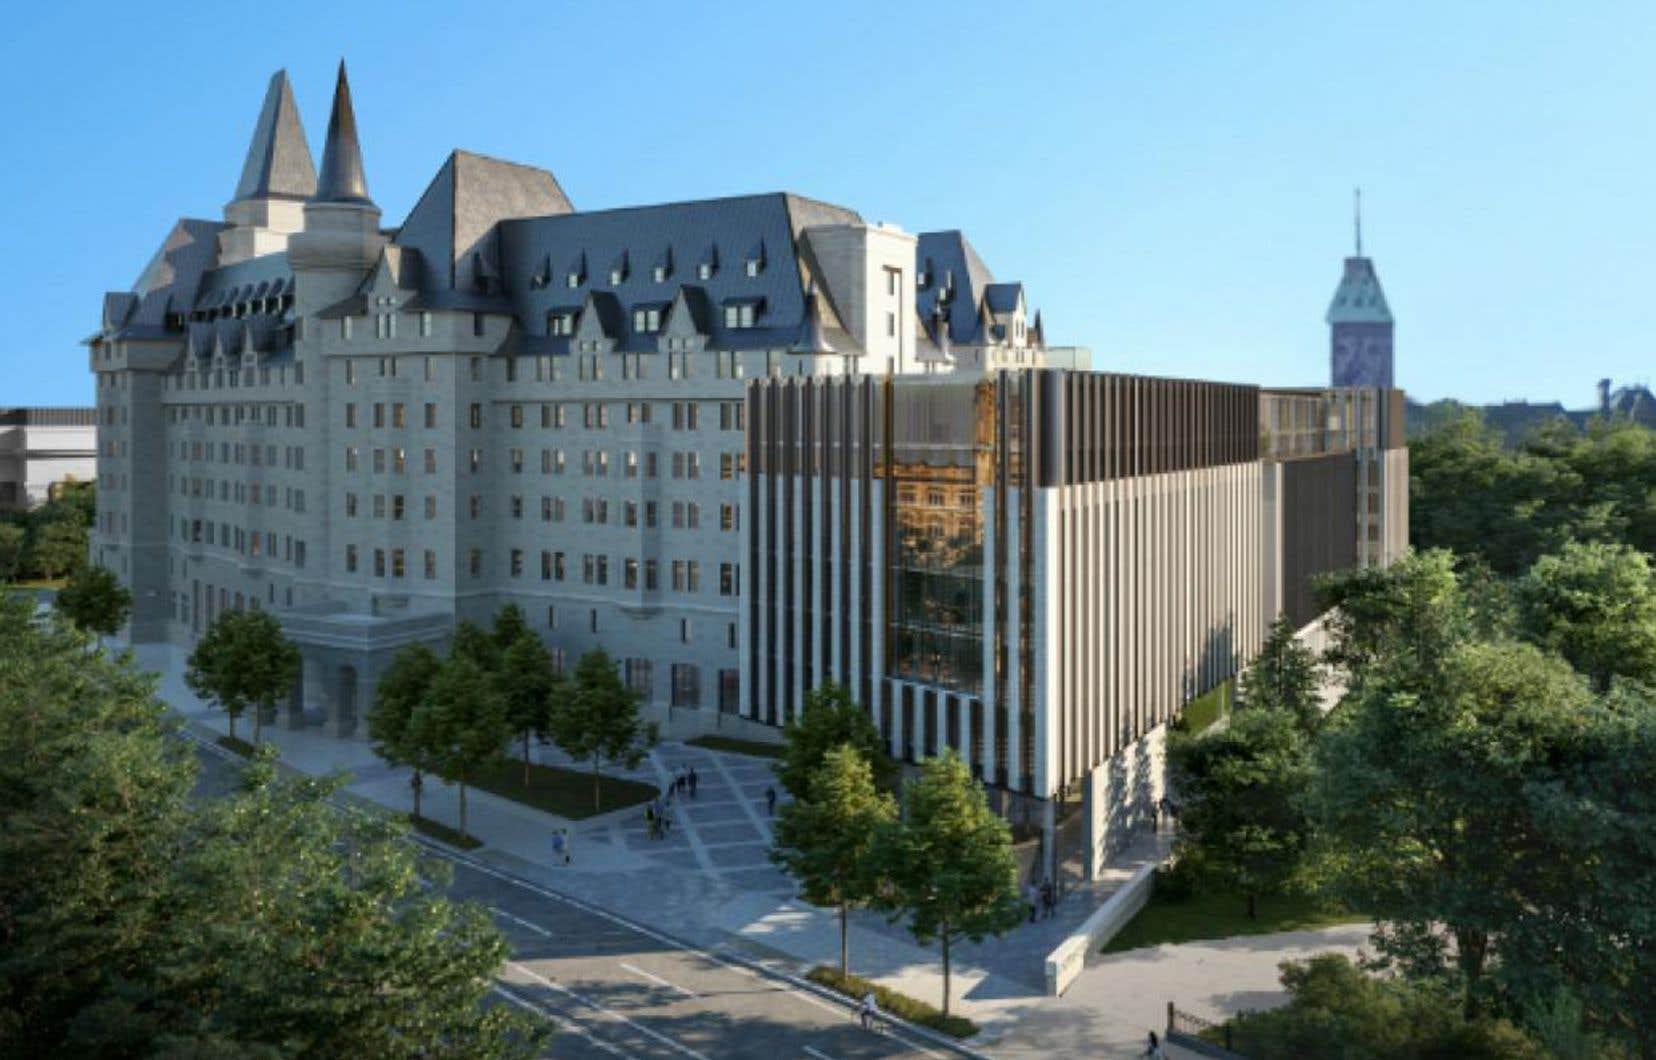 Le projet d'agrandissement du Château Laurier prévoit la construction d'une annexe liée à l'actuel bâtiment historique.